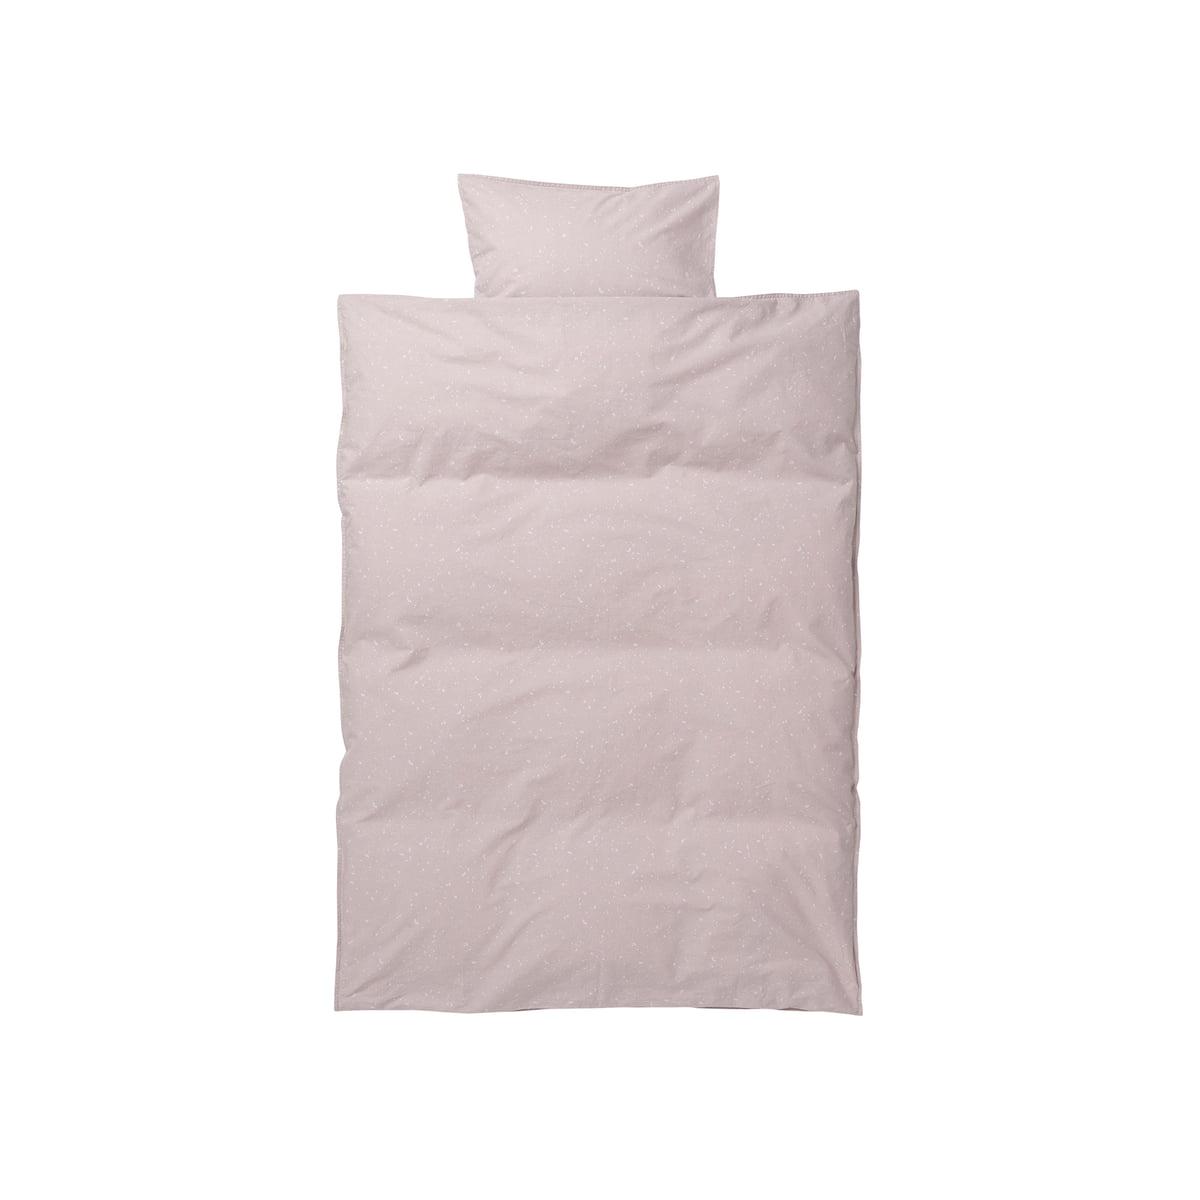 ferm Living - Hush Baby-Bettwäsche, milkyway rose | Kinderzimmer > Textilien für Kinder > Kinderbettwäsche | Rosa | ferm living